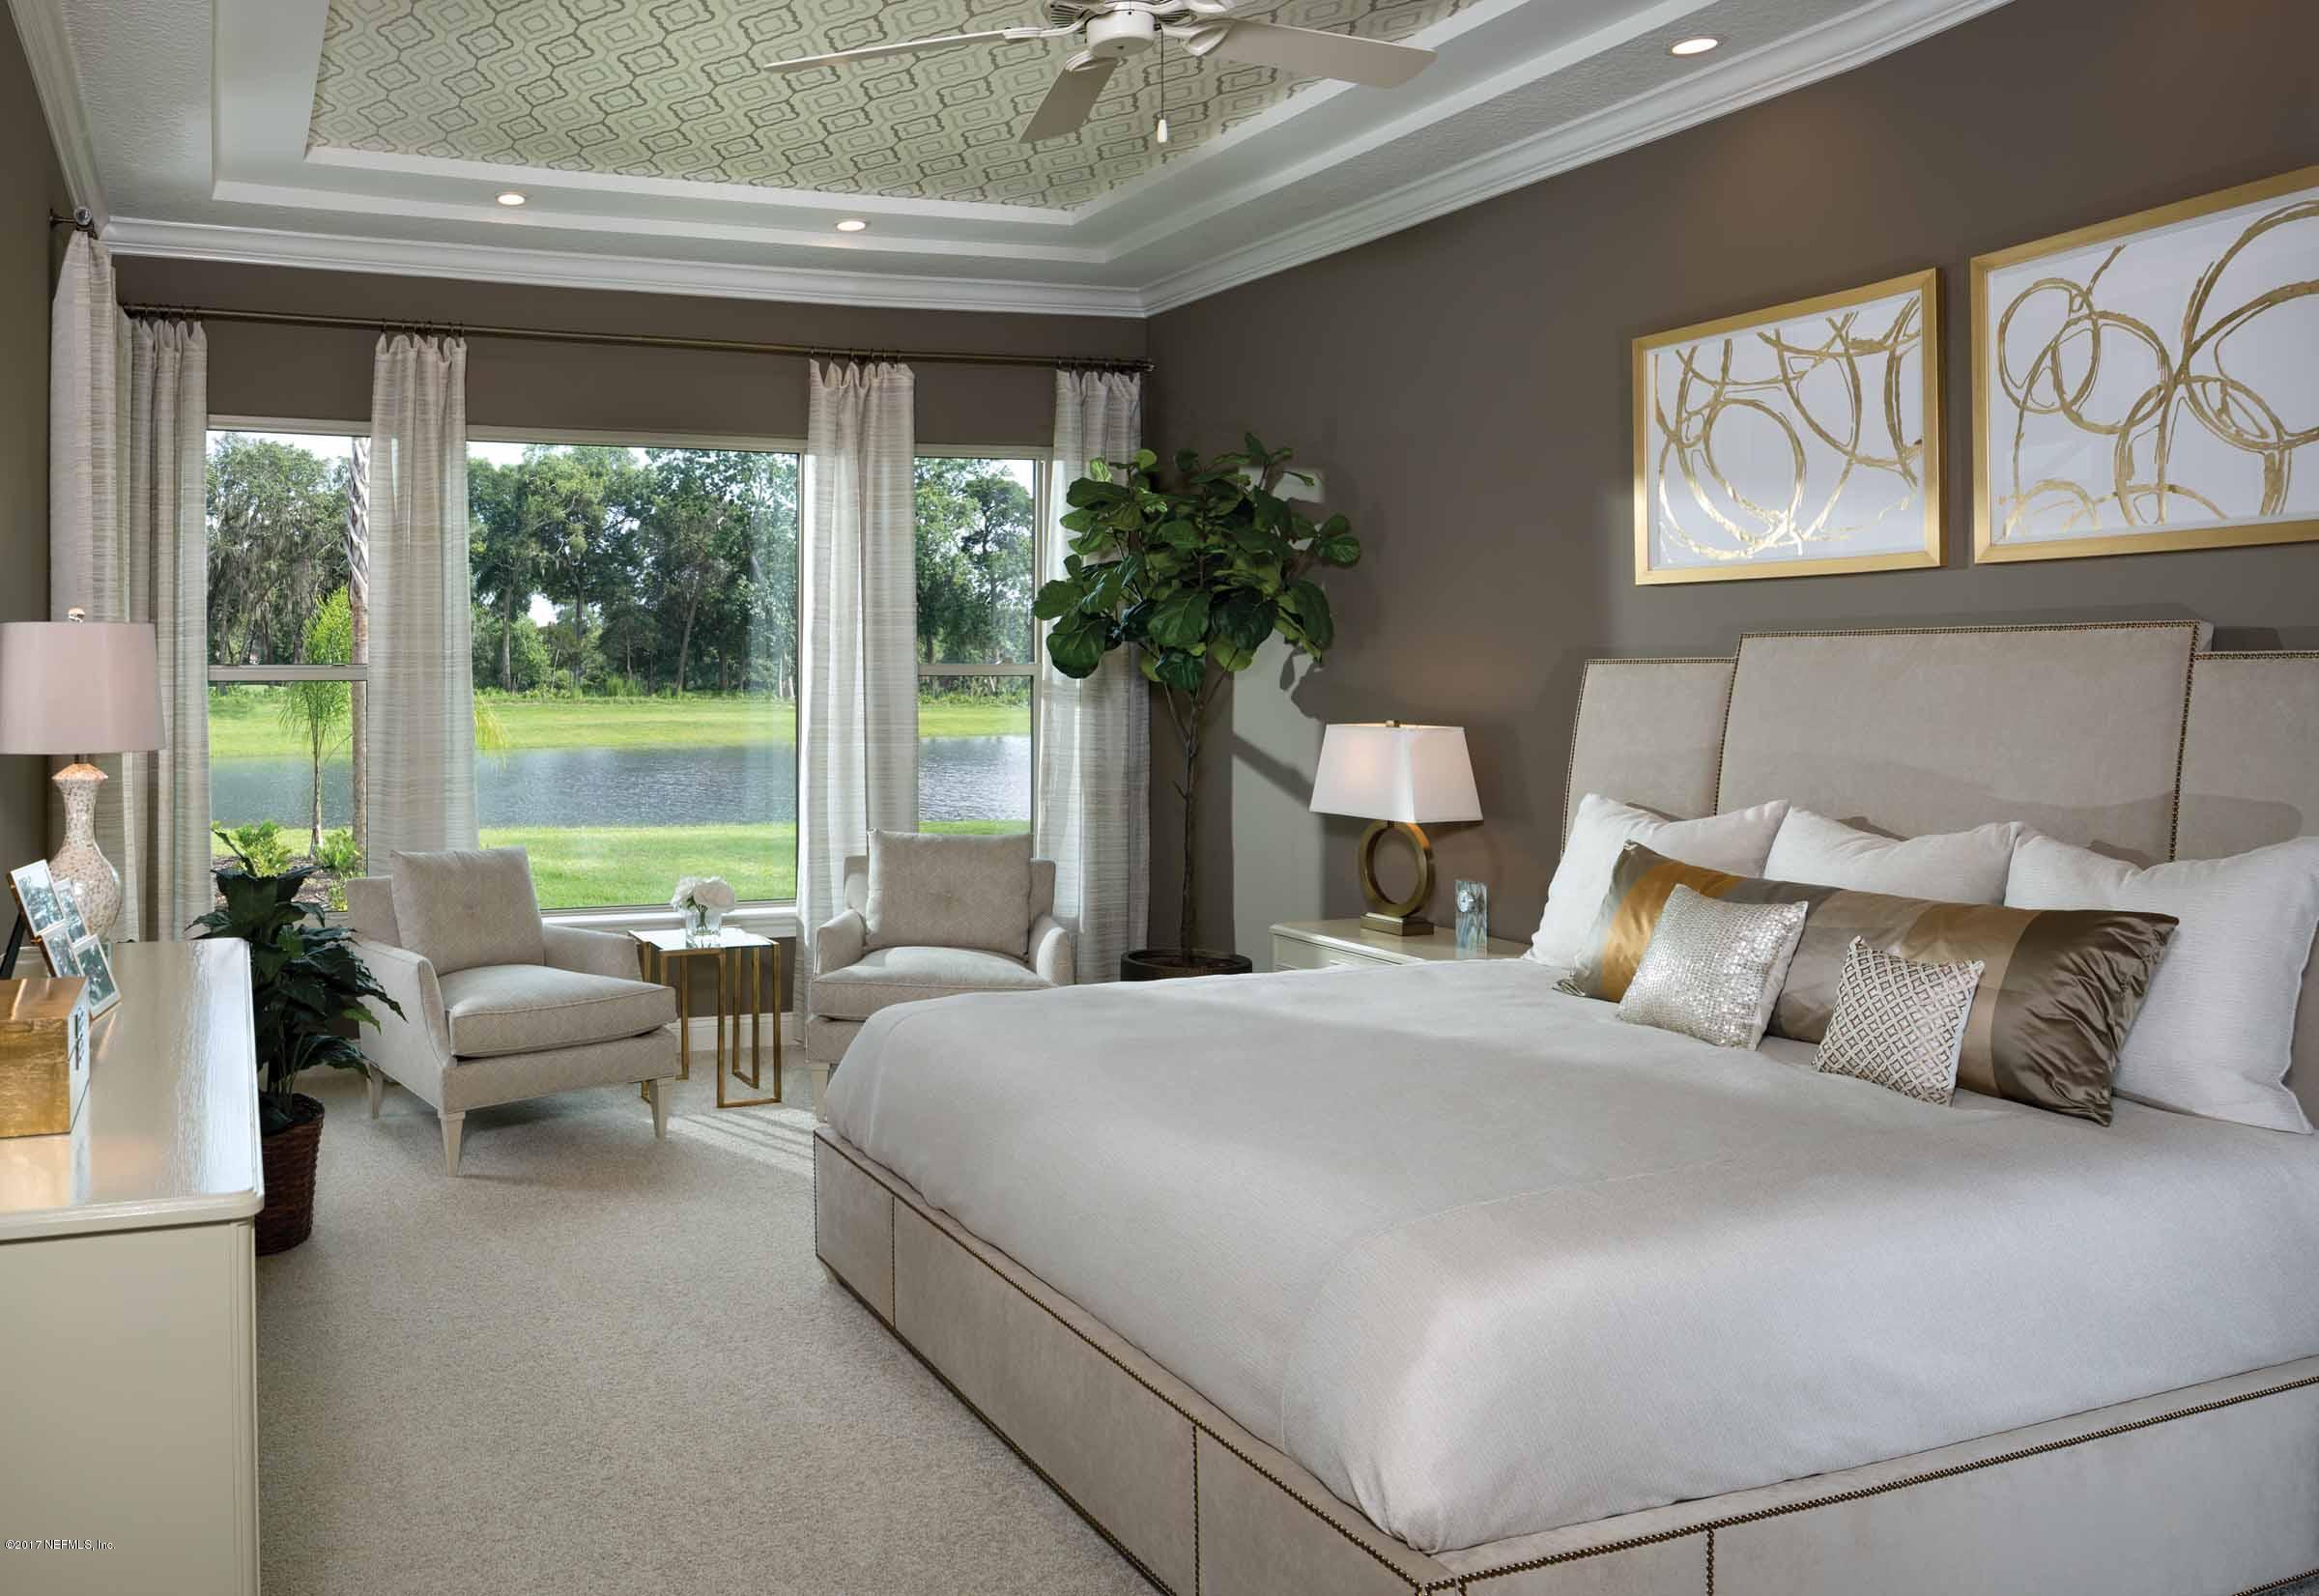 1383 LOOP,ST AUGUSTINE,FLORIDA 32095,4 Bedrooms Bedrooms,4 BathroomsBathrooms,Residential - single family,LOOP,866163